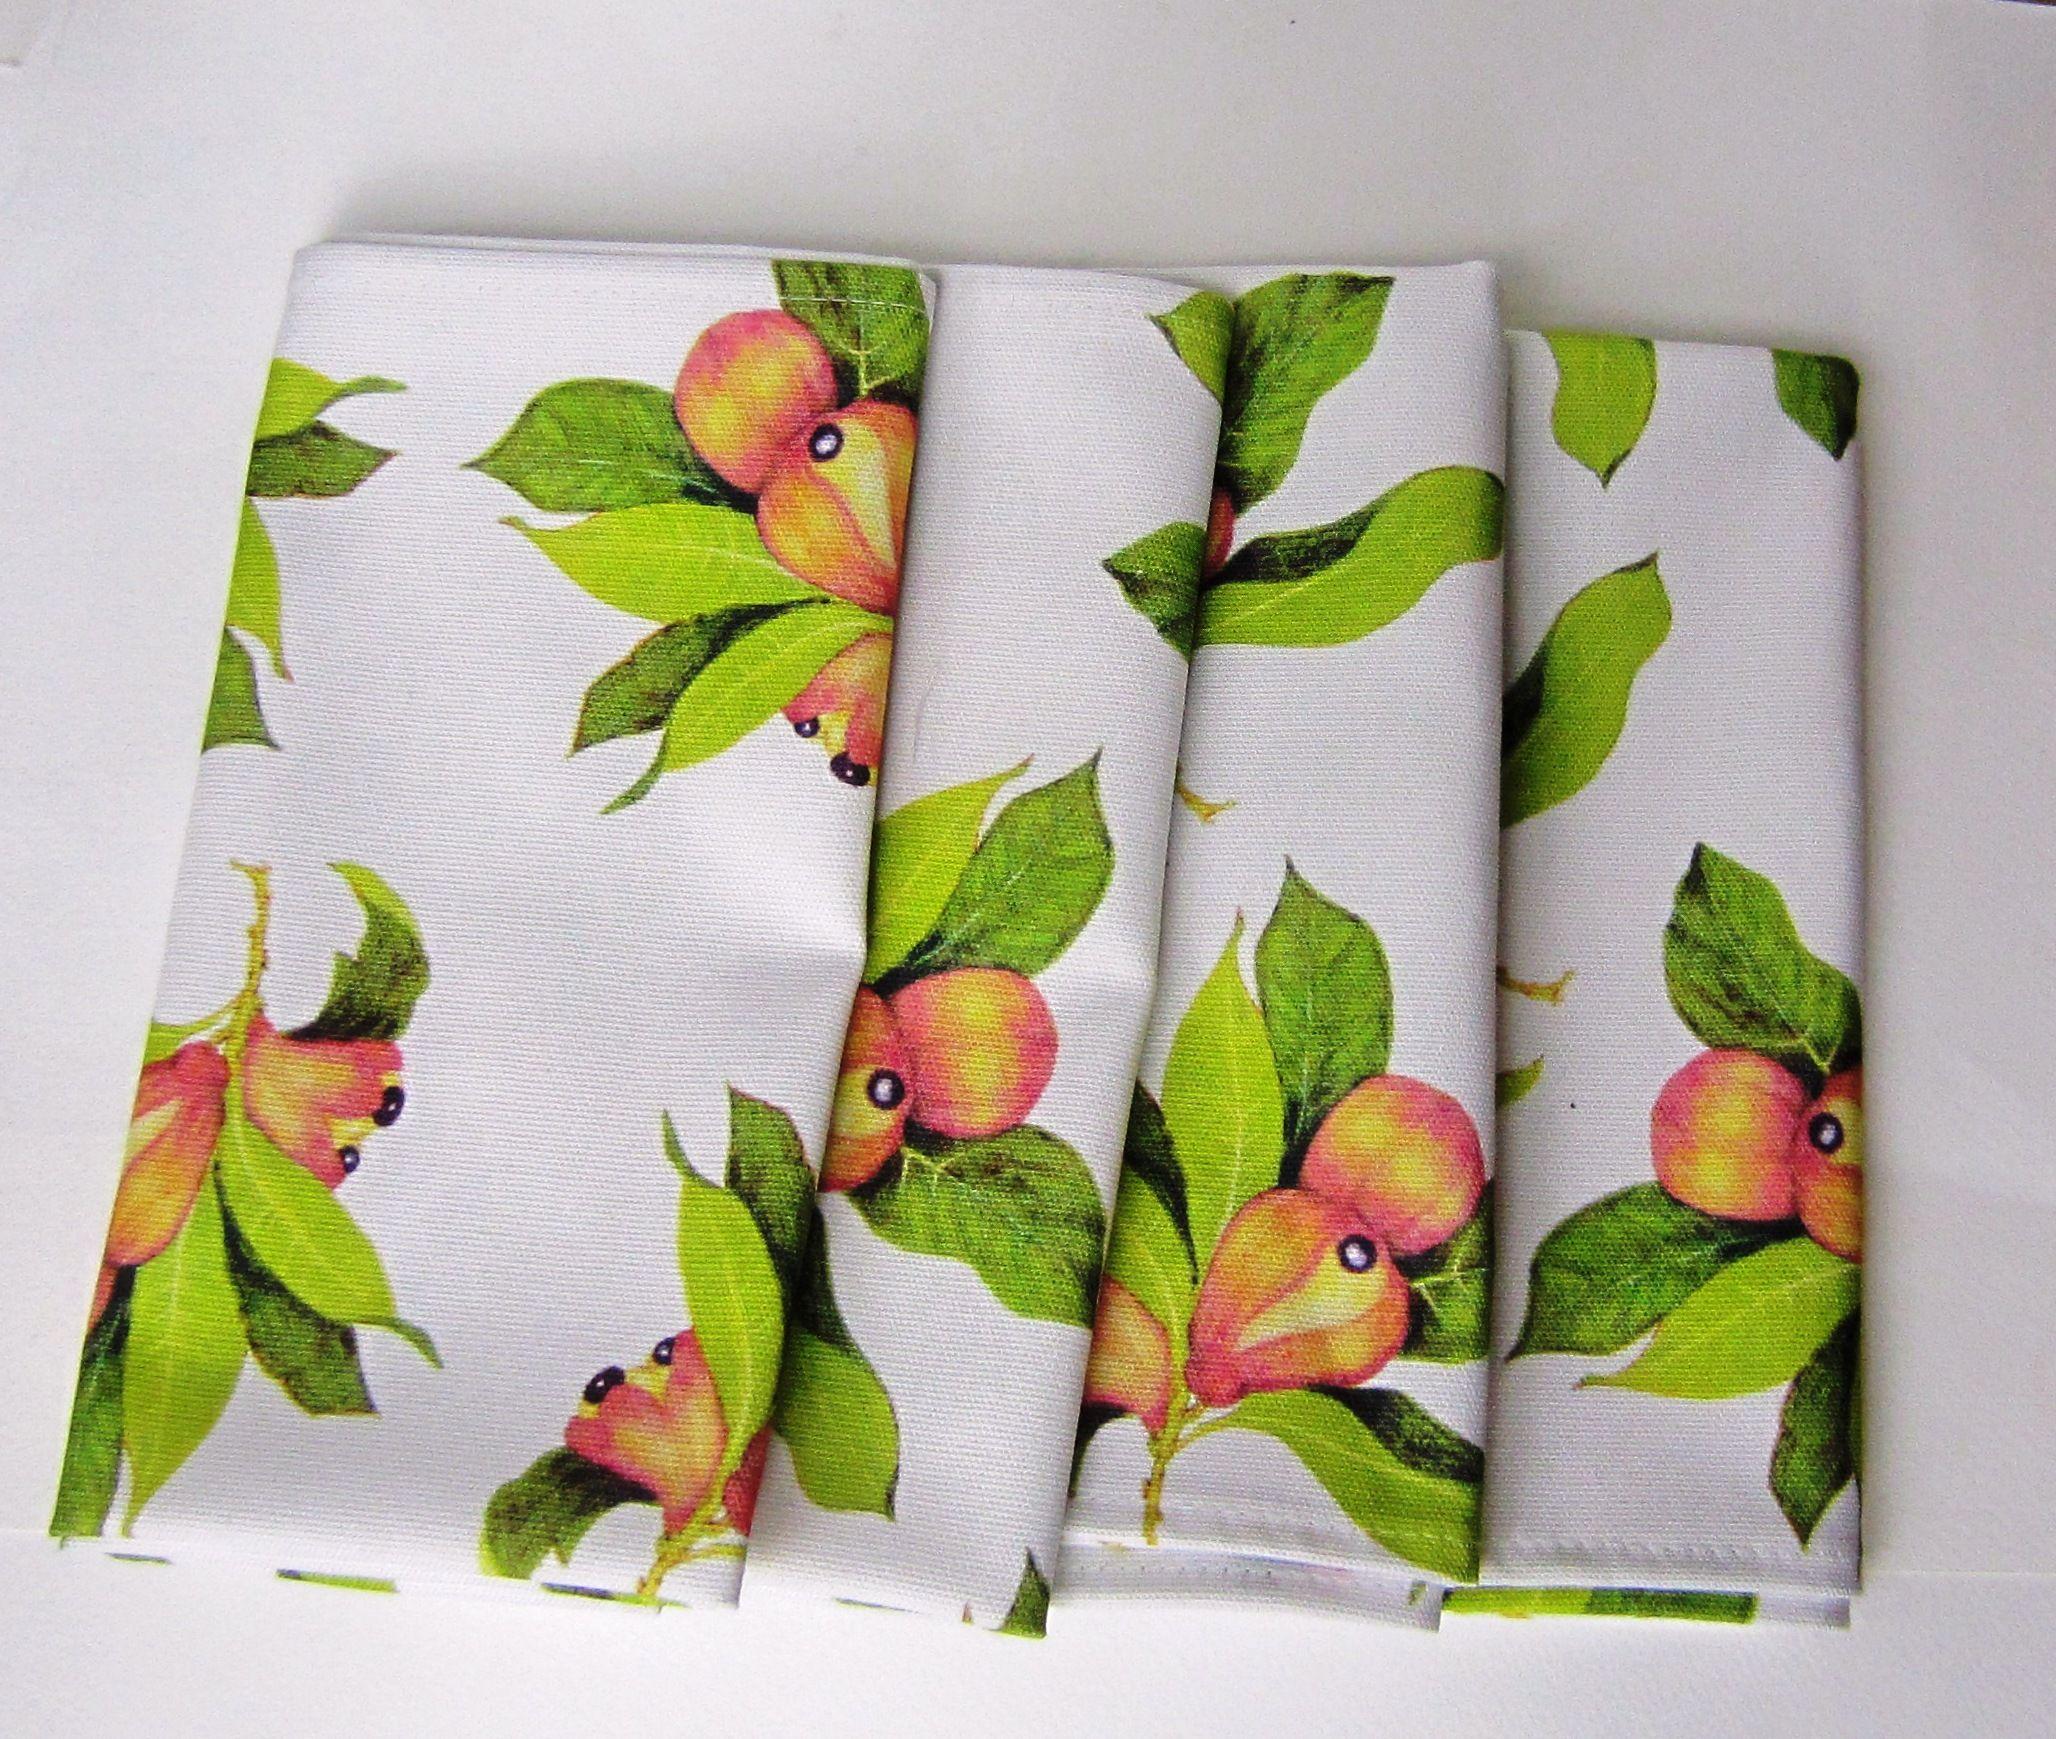 Lush Luau Plastic Tablecloths 3 ct